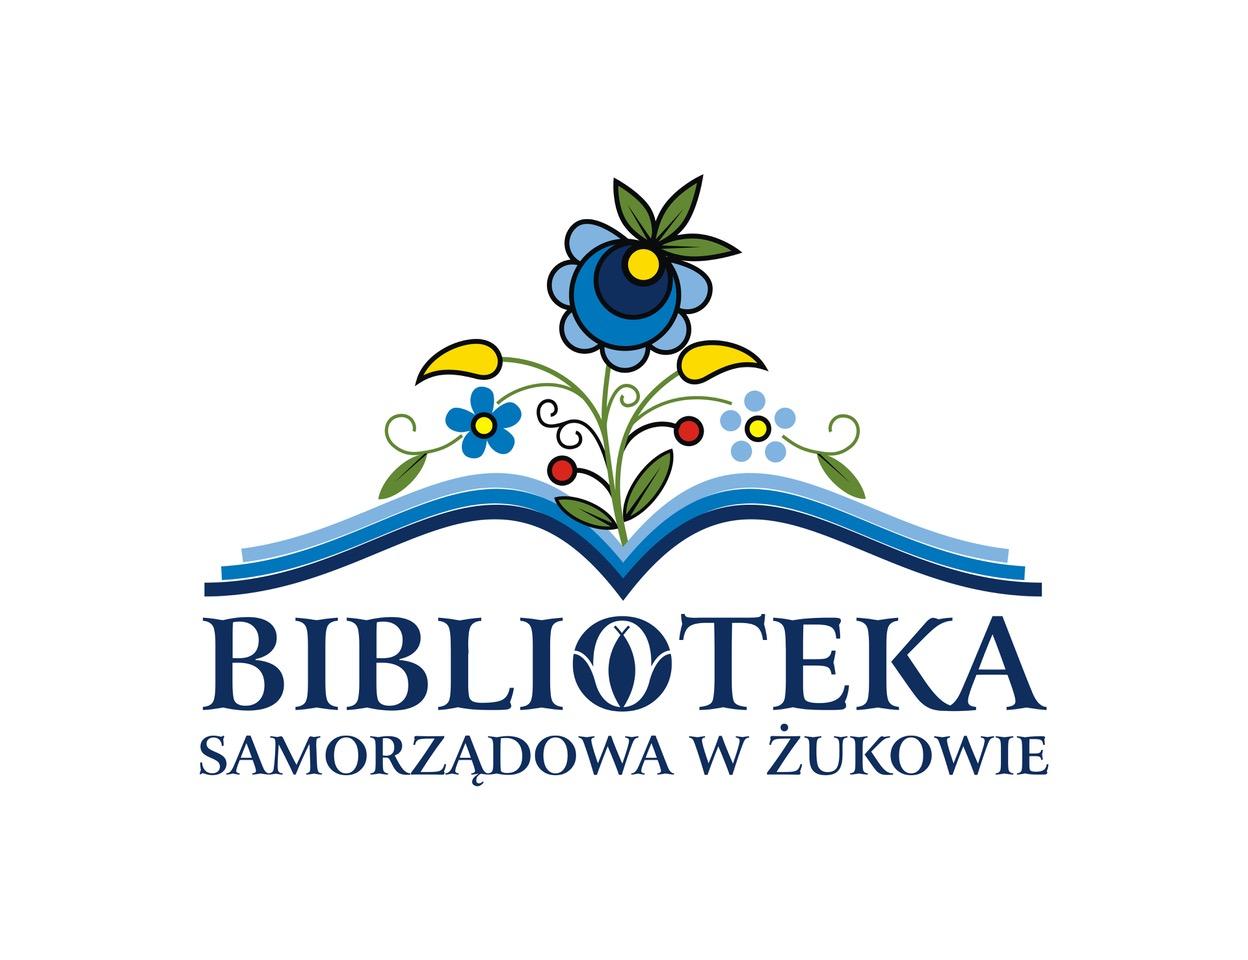 Biblioteka Samorządowa w Żukowie